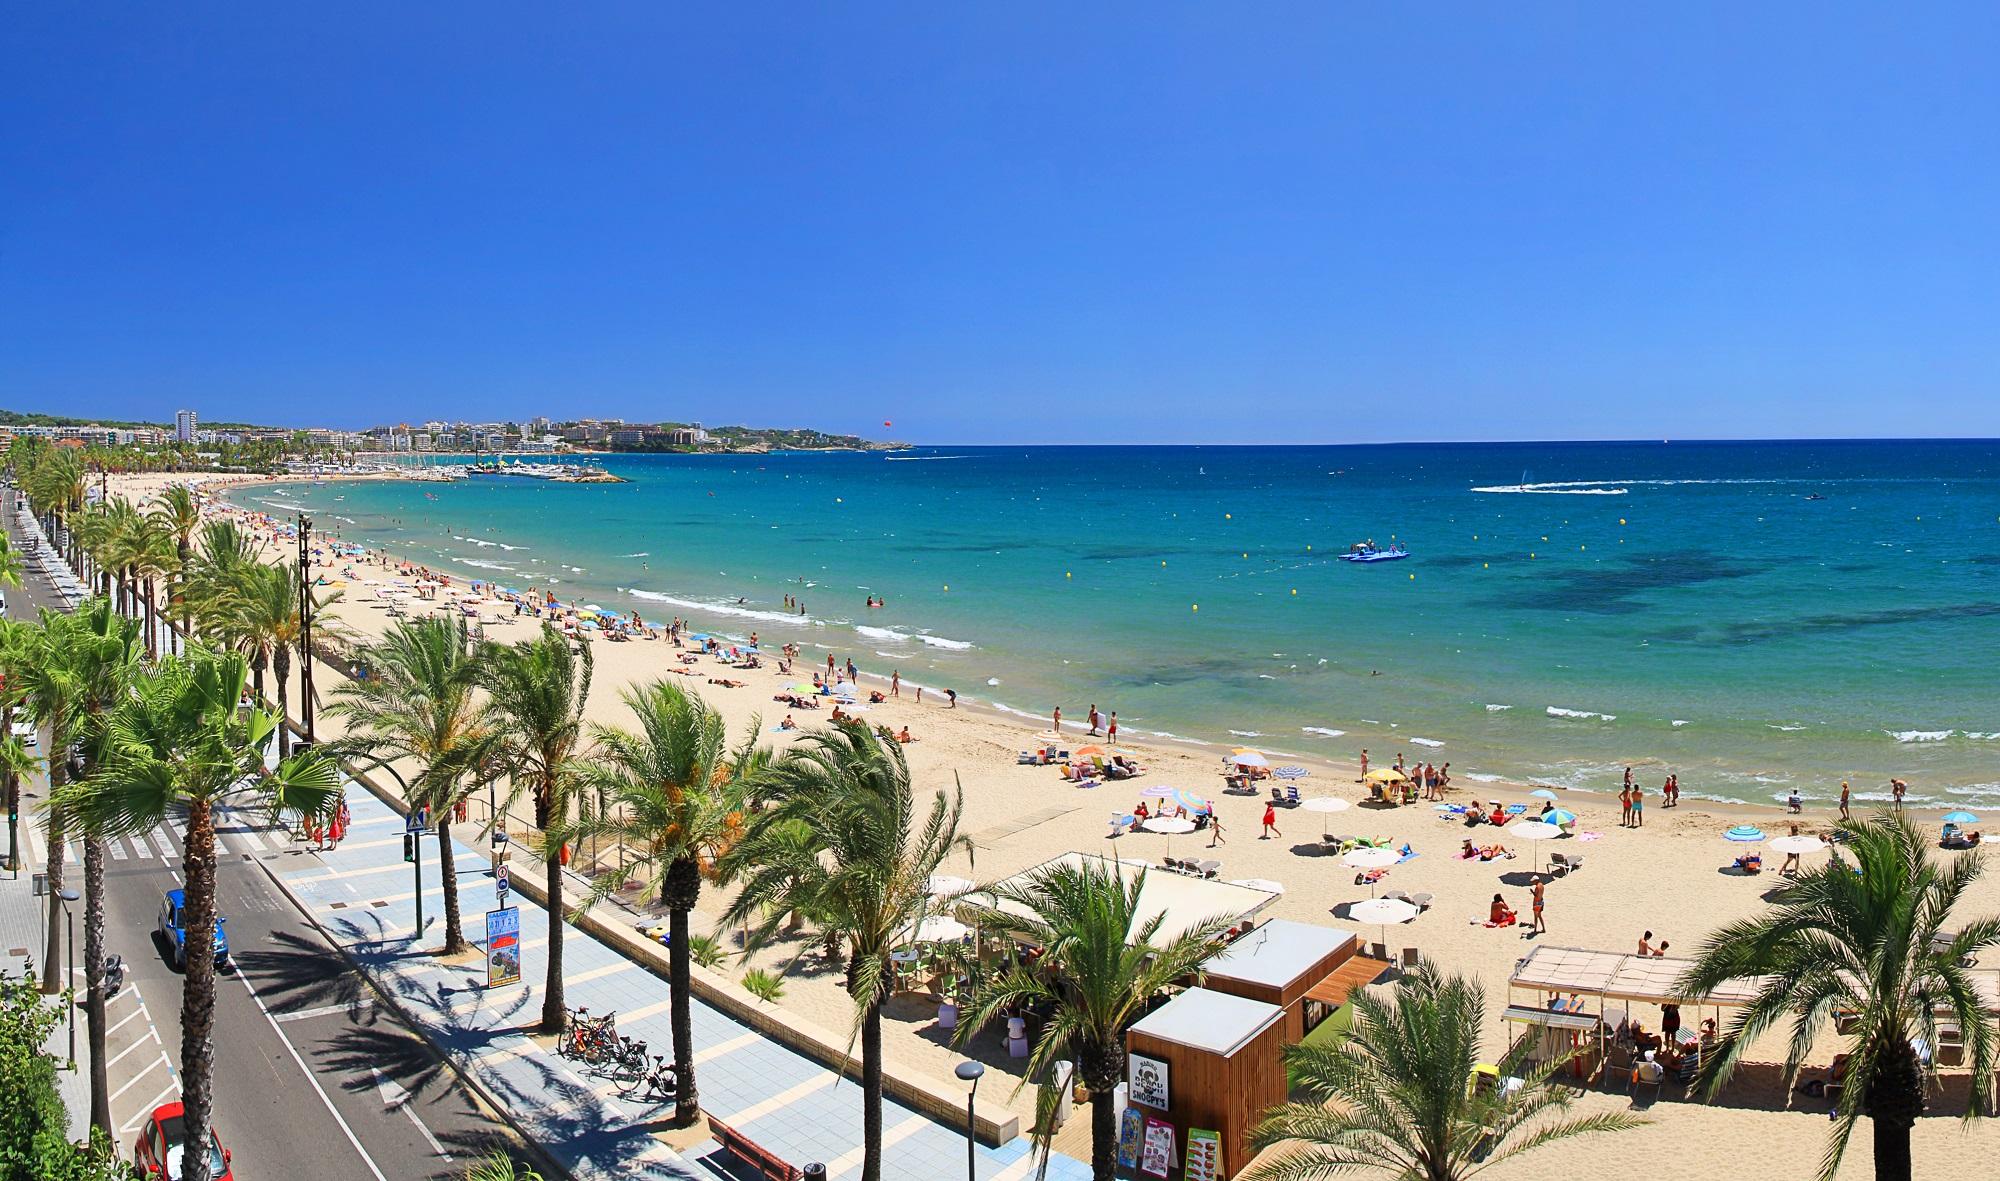 Strandvakantie: Spotgoedkope 4* Strandvakantie In Spanje!